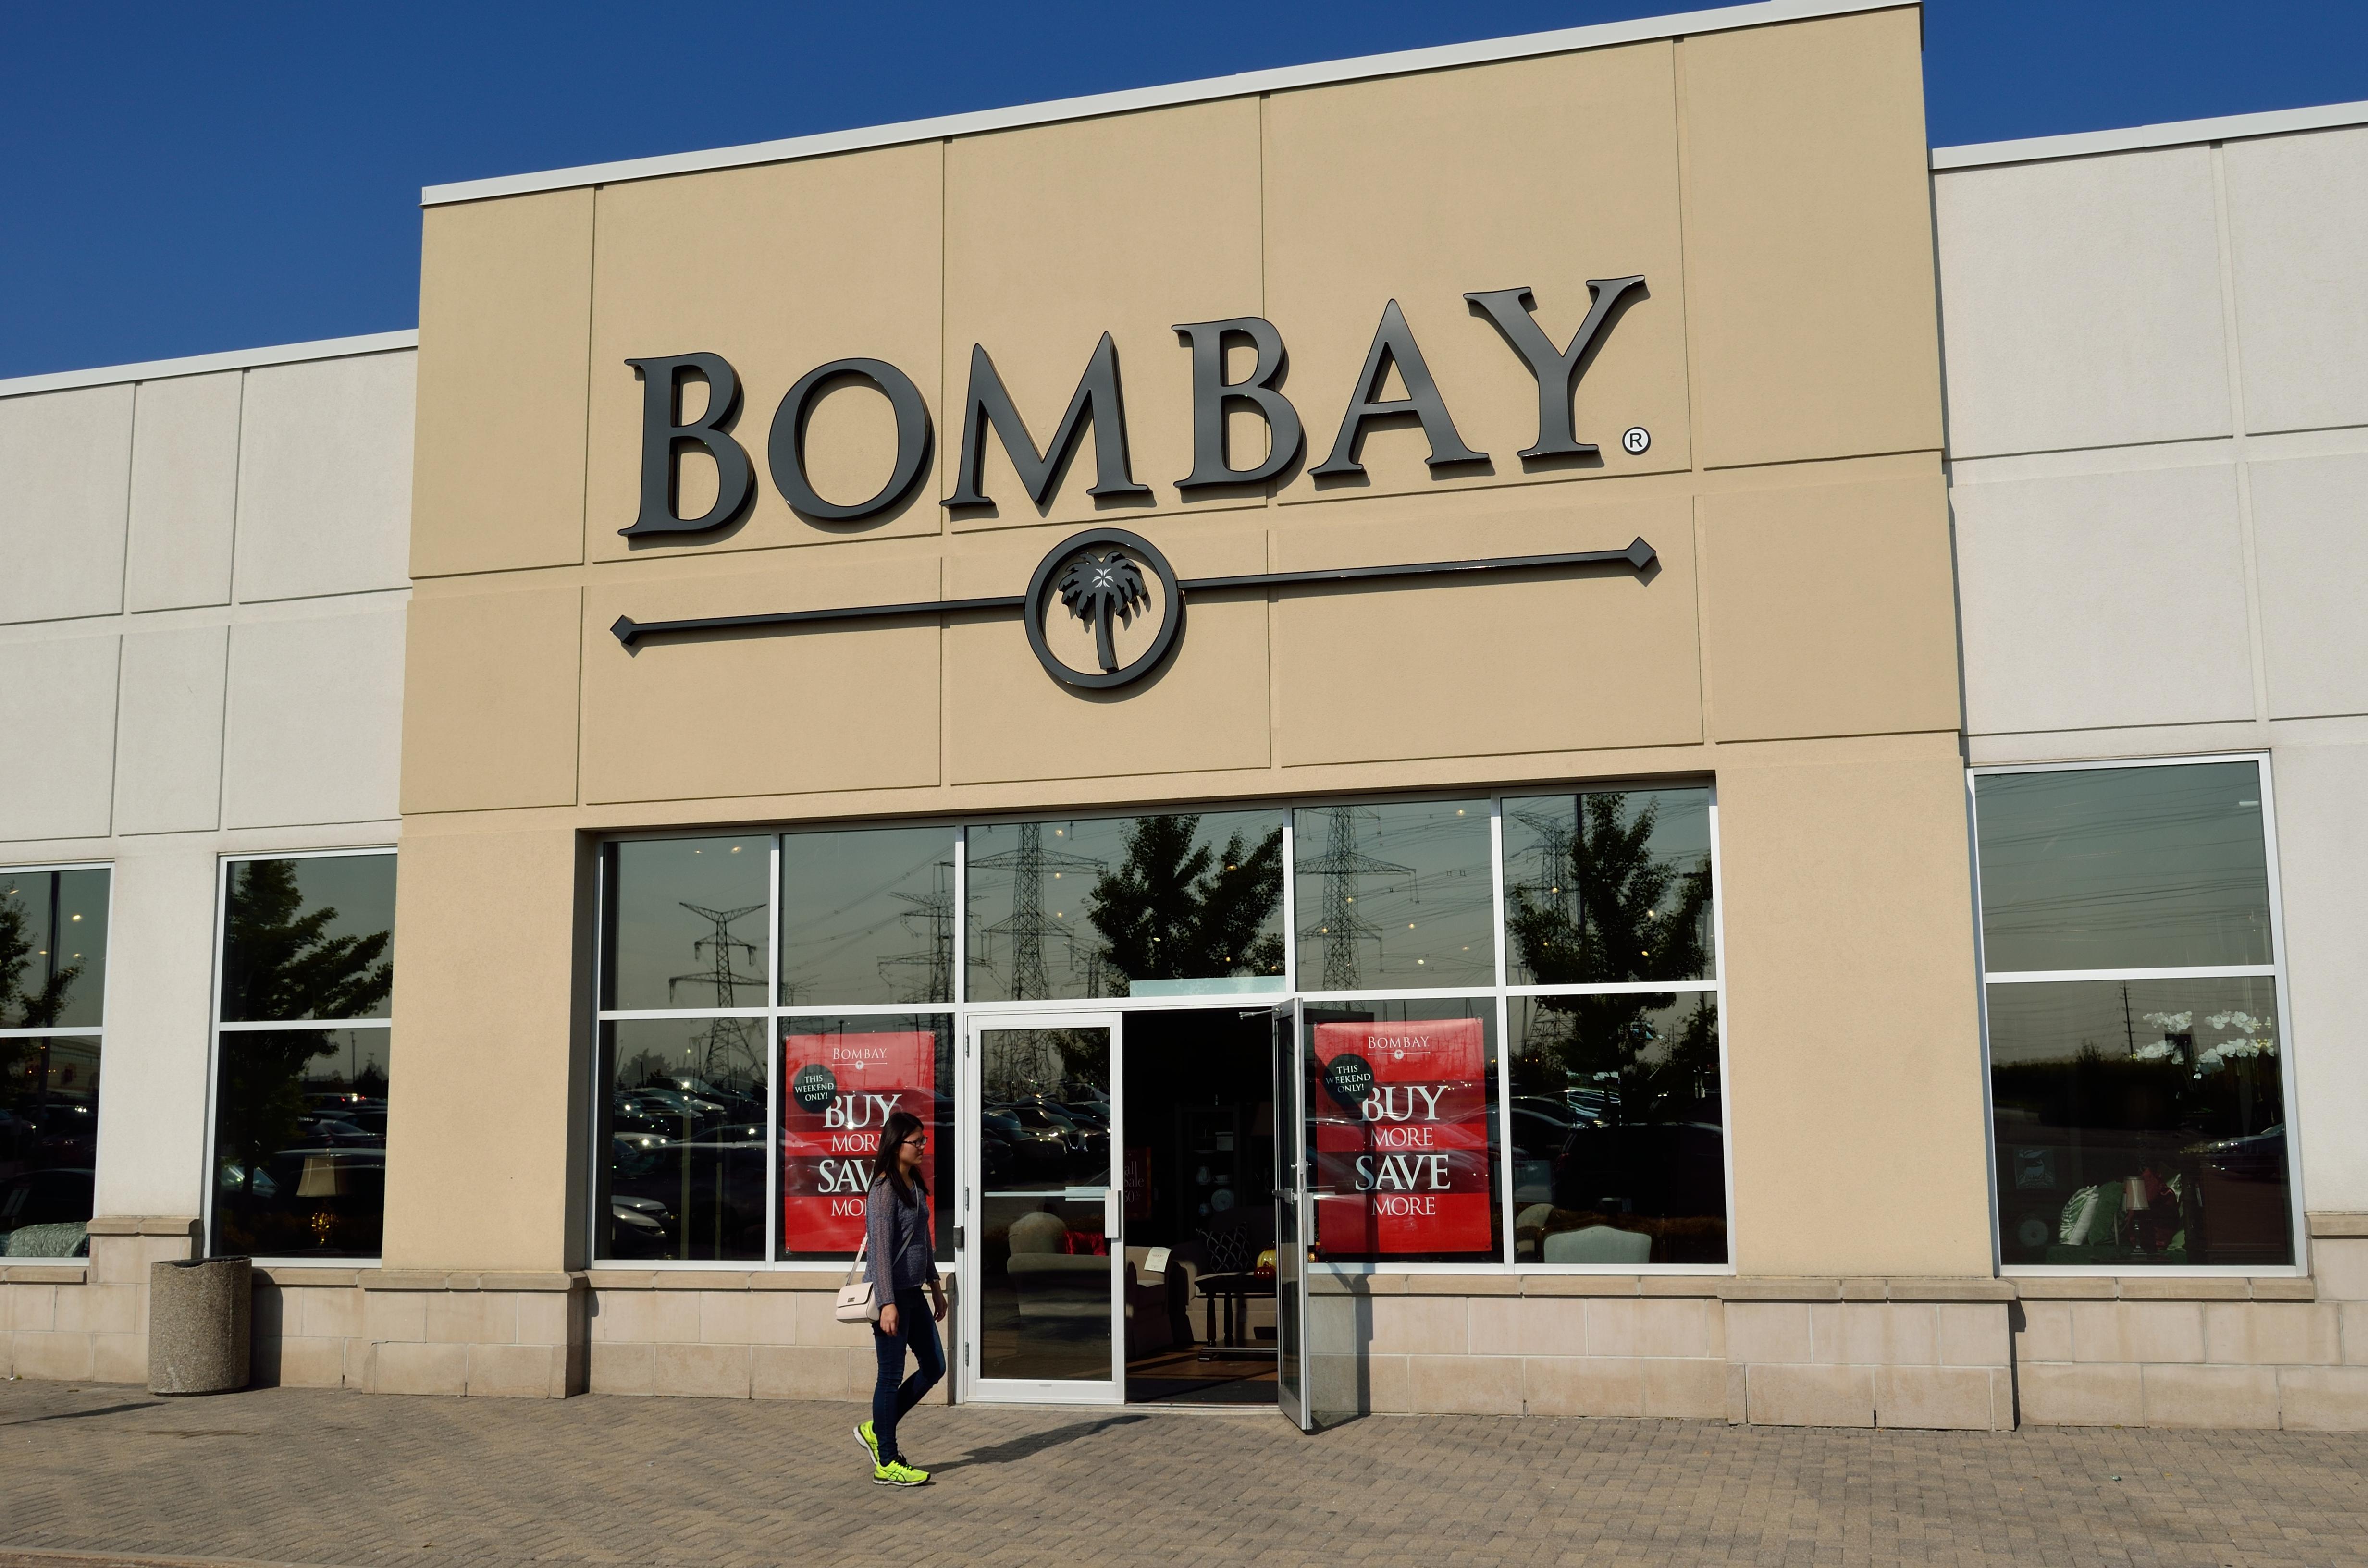 Bombay Company - Wikipedia